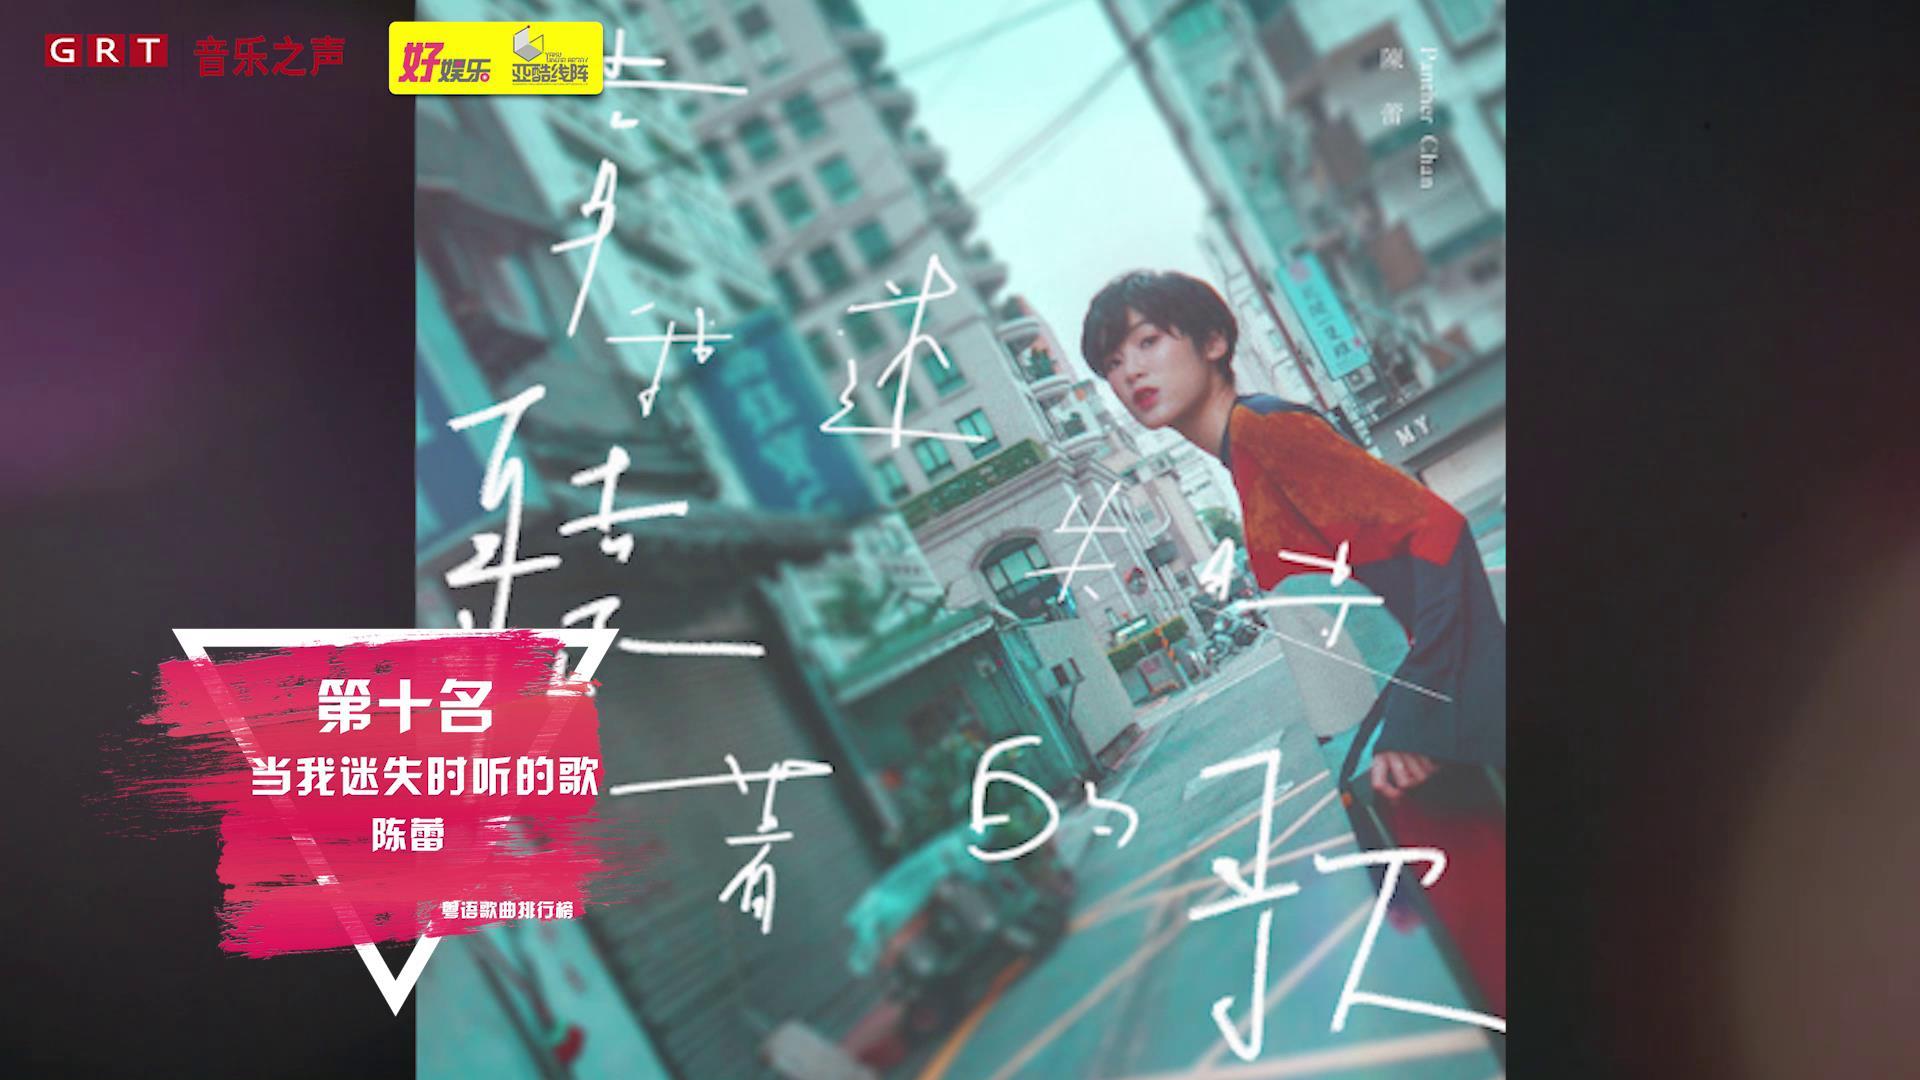 粤语歌曲排行榜2019年第08期榜单